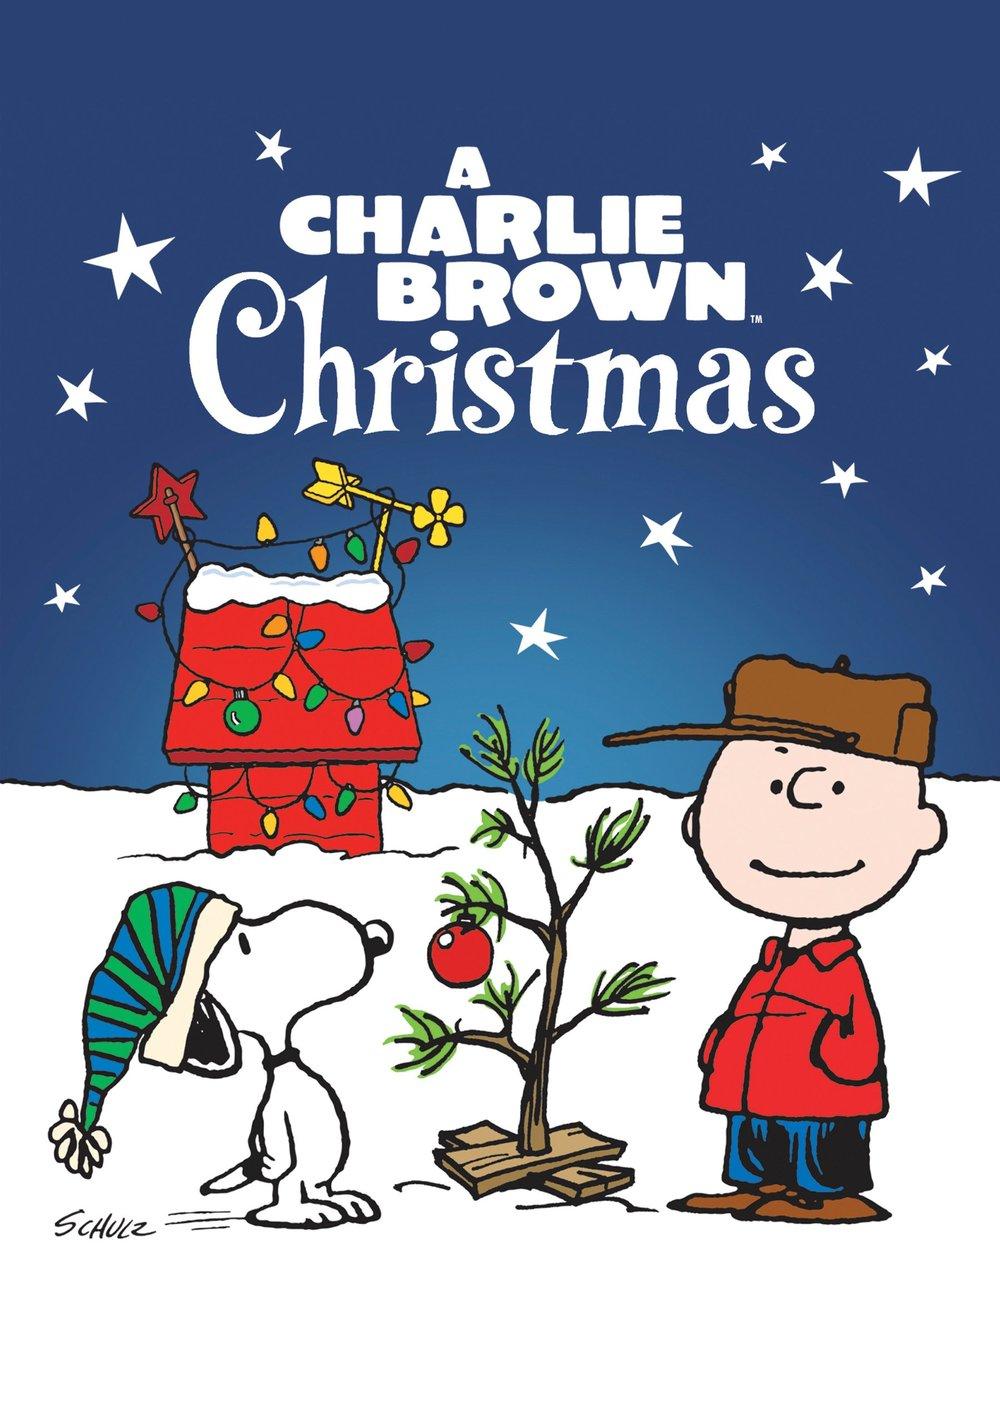 acharliebrownchristmas.jpg